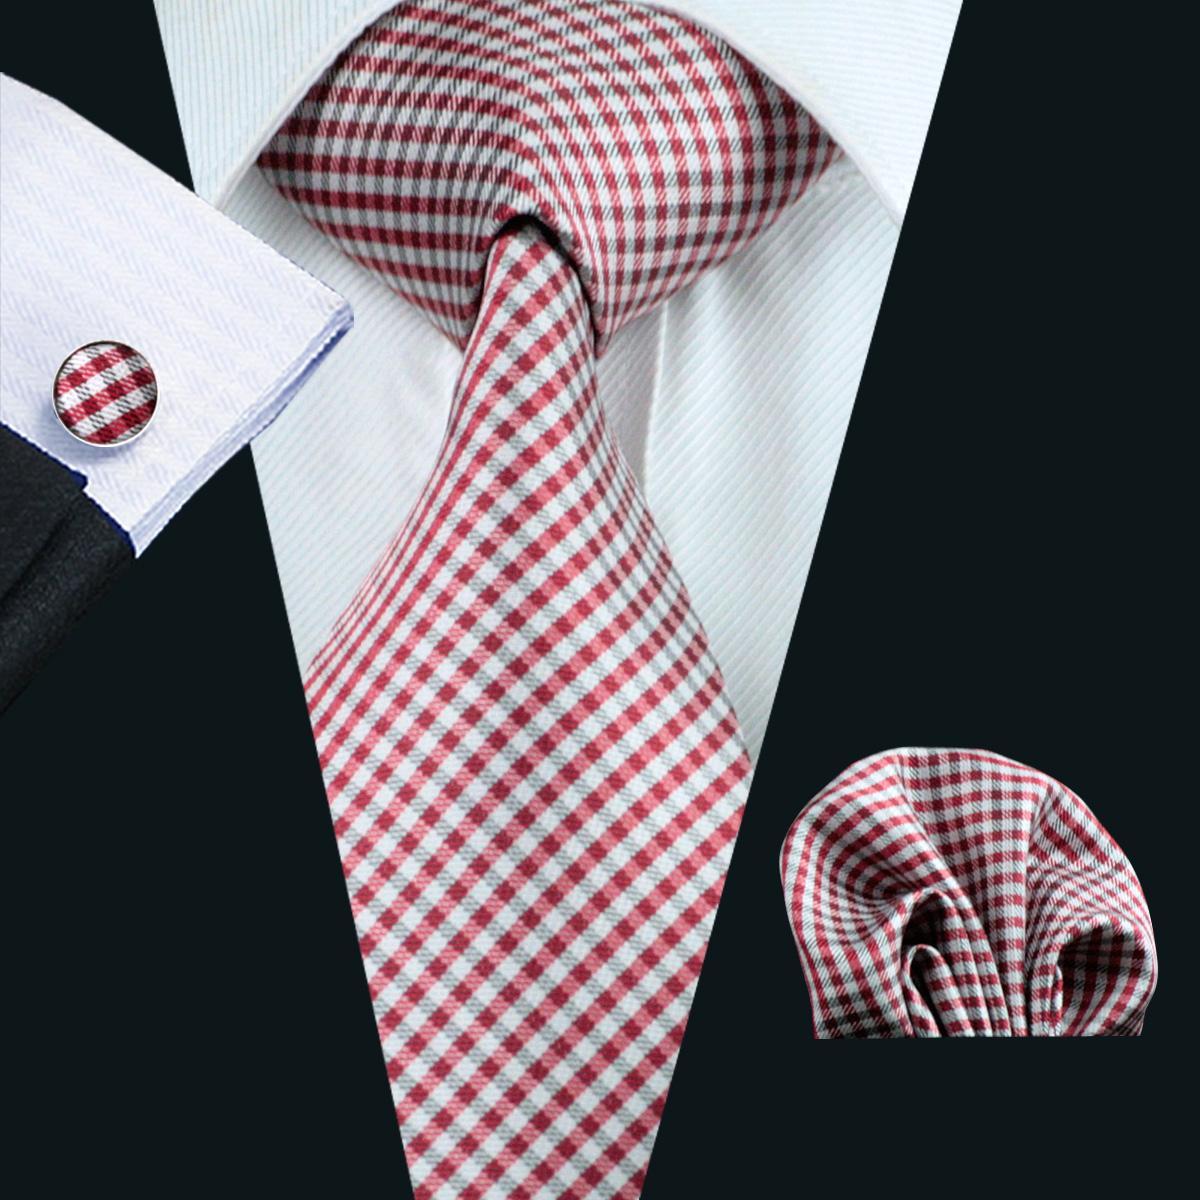 빨간 체크 실크 넥타이 남성용 포켓 스퀘어 커프스 단추 세트 망 자카드 짠 비즈니스 공식 넥타이 8.5cm 너비 캐주얼 세트 N-1037